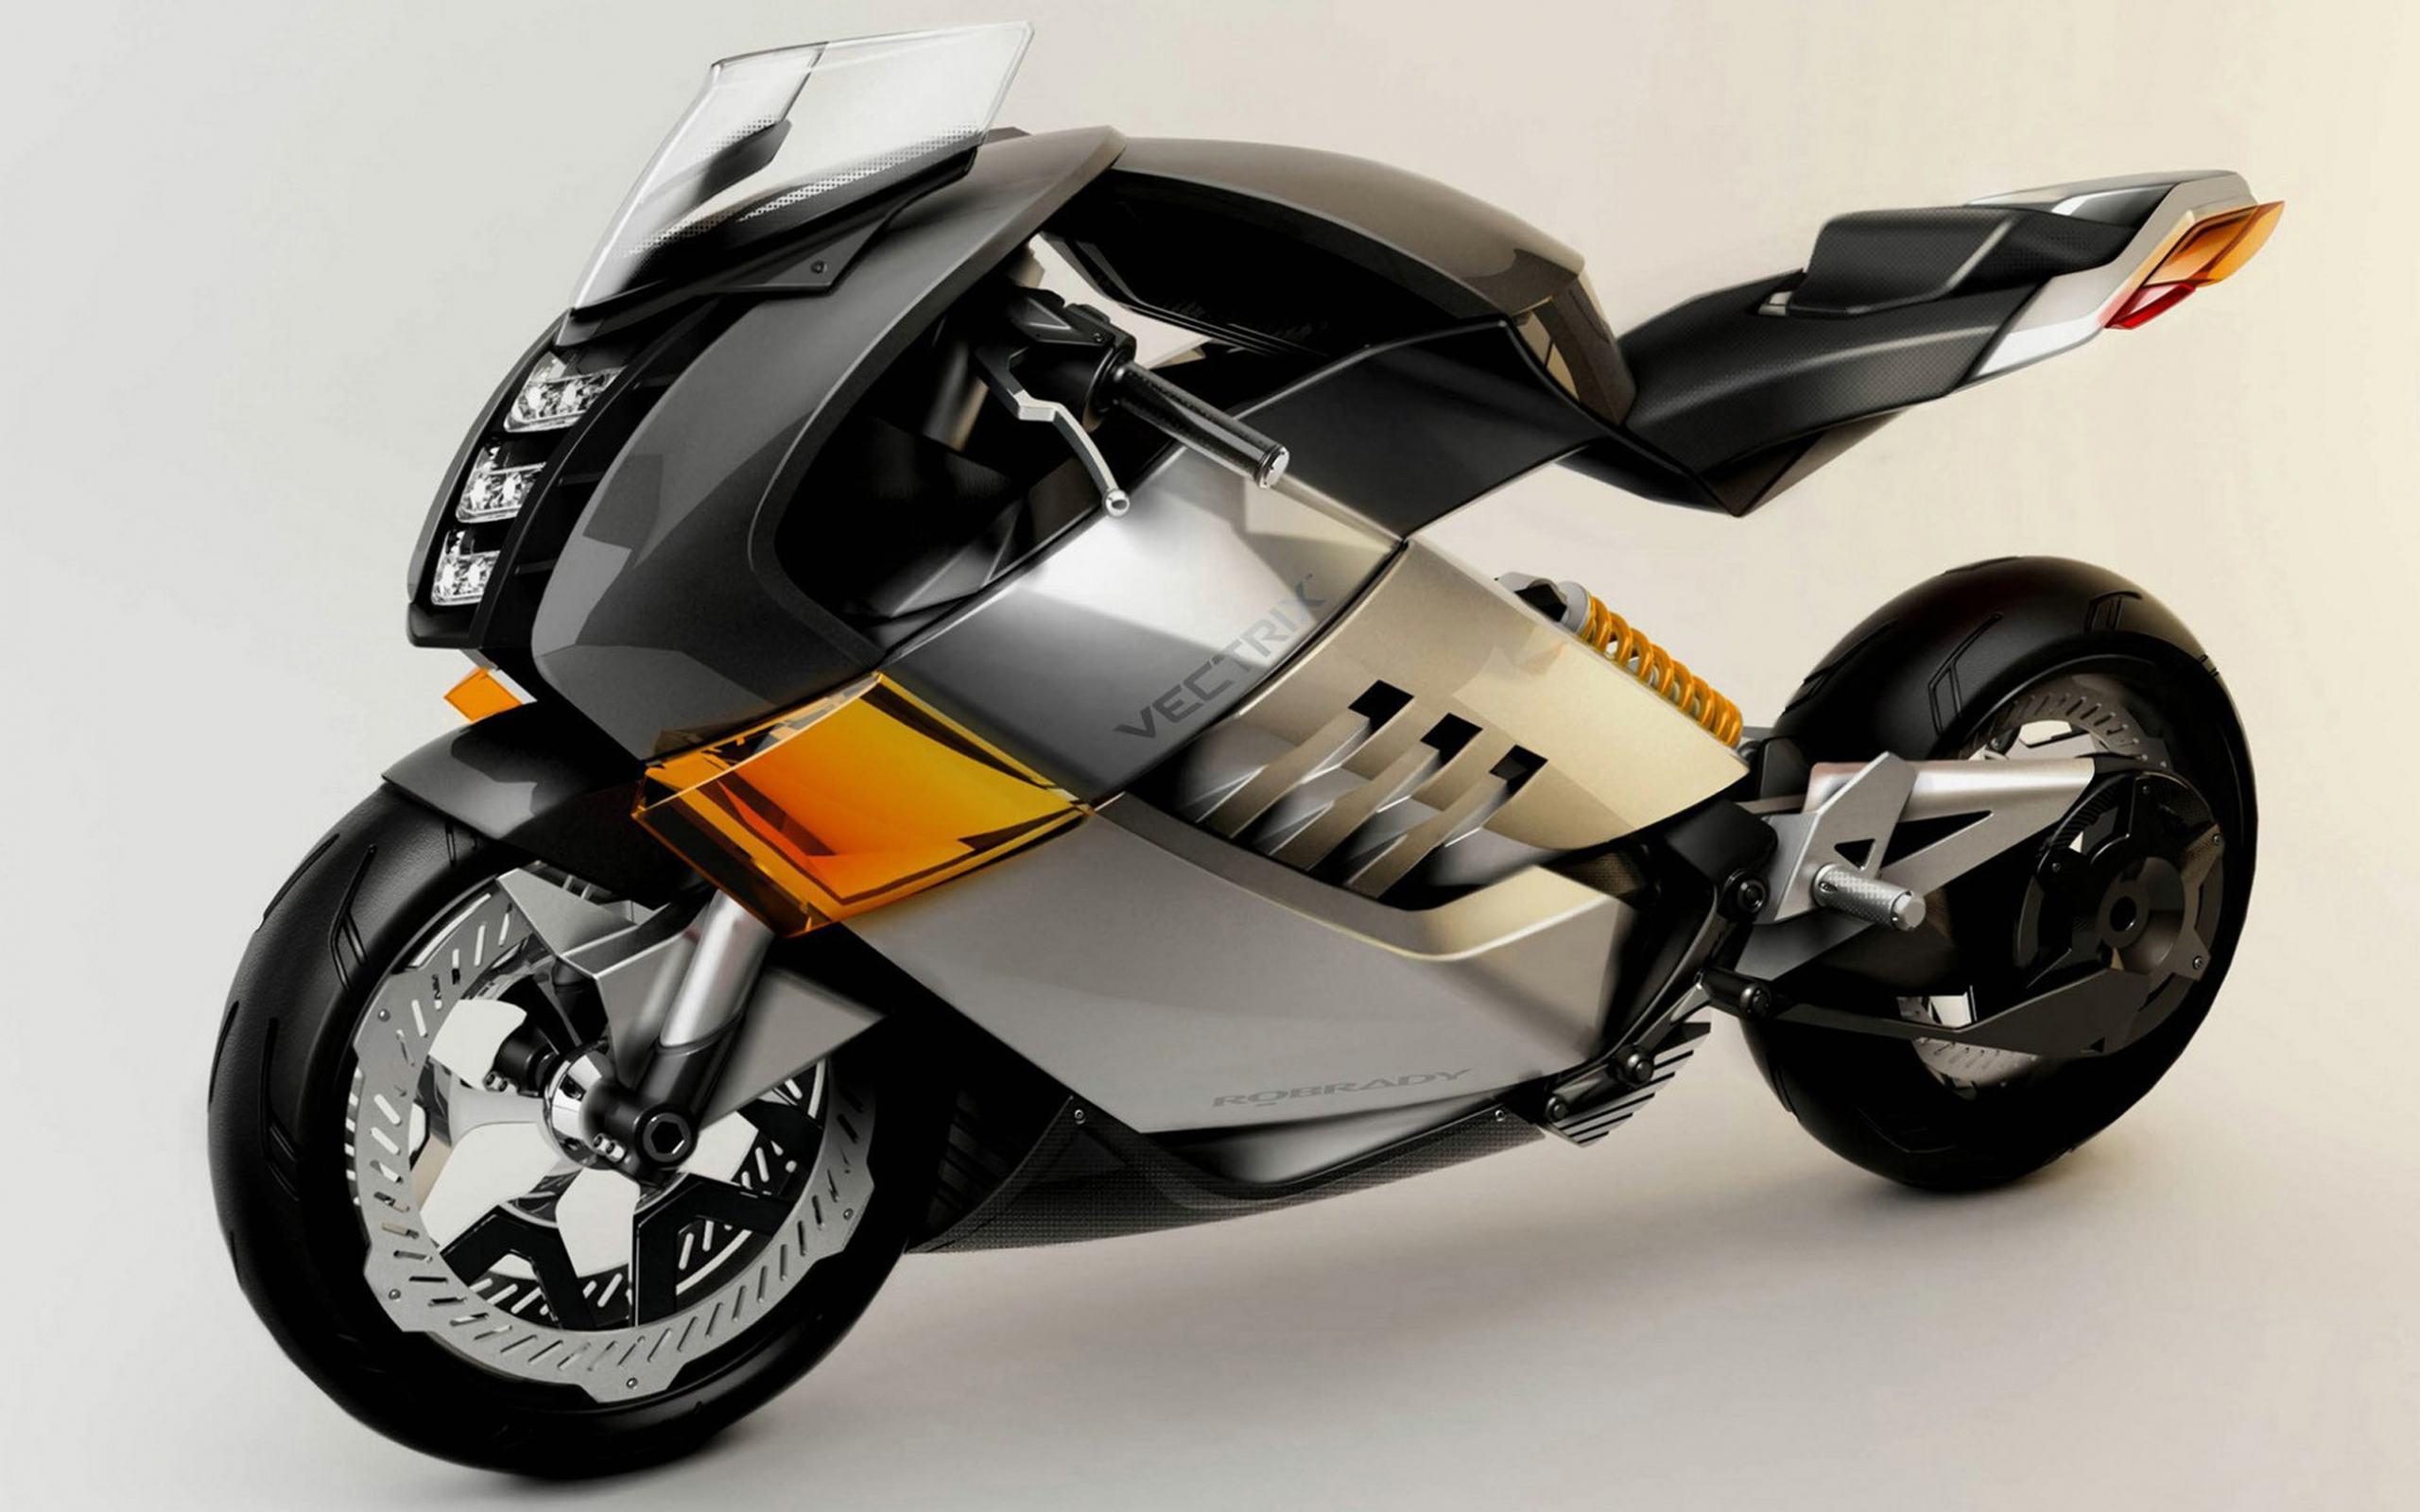 Мотоцикл suzuki на скорости - для рабочего стола обои 1024x768.